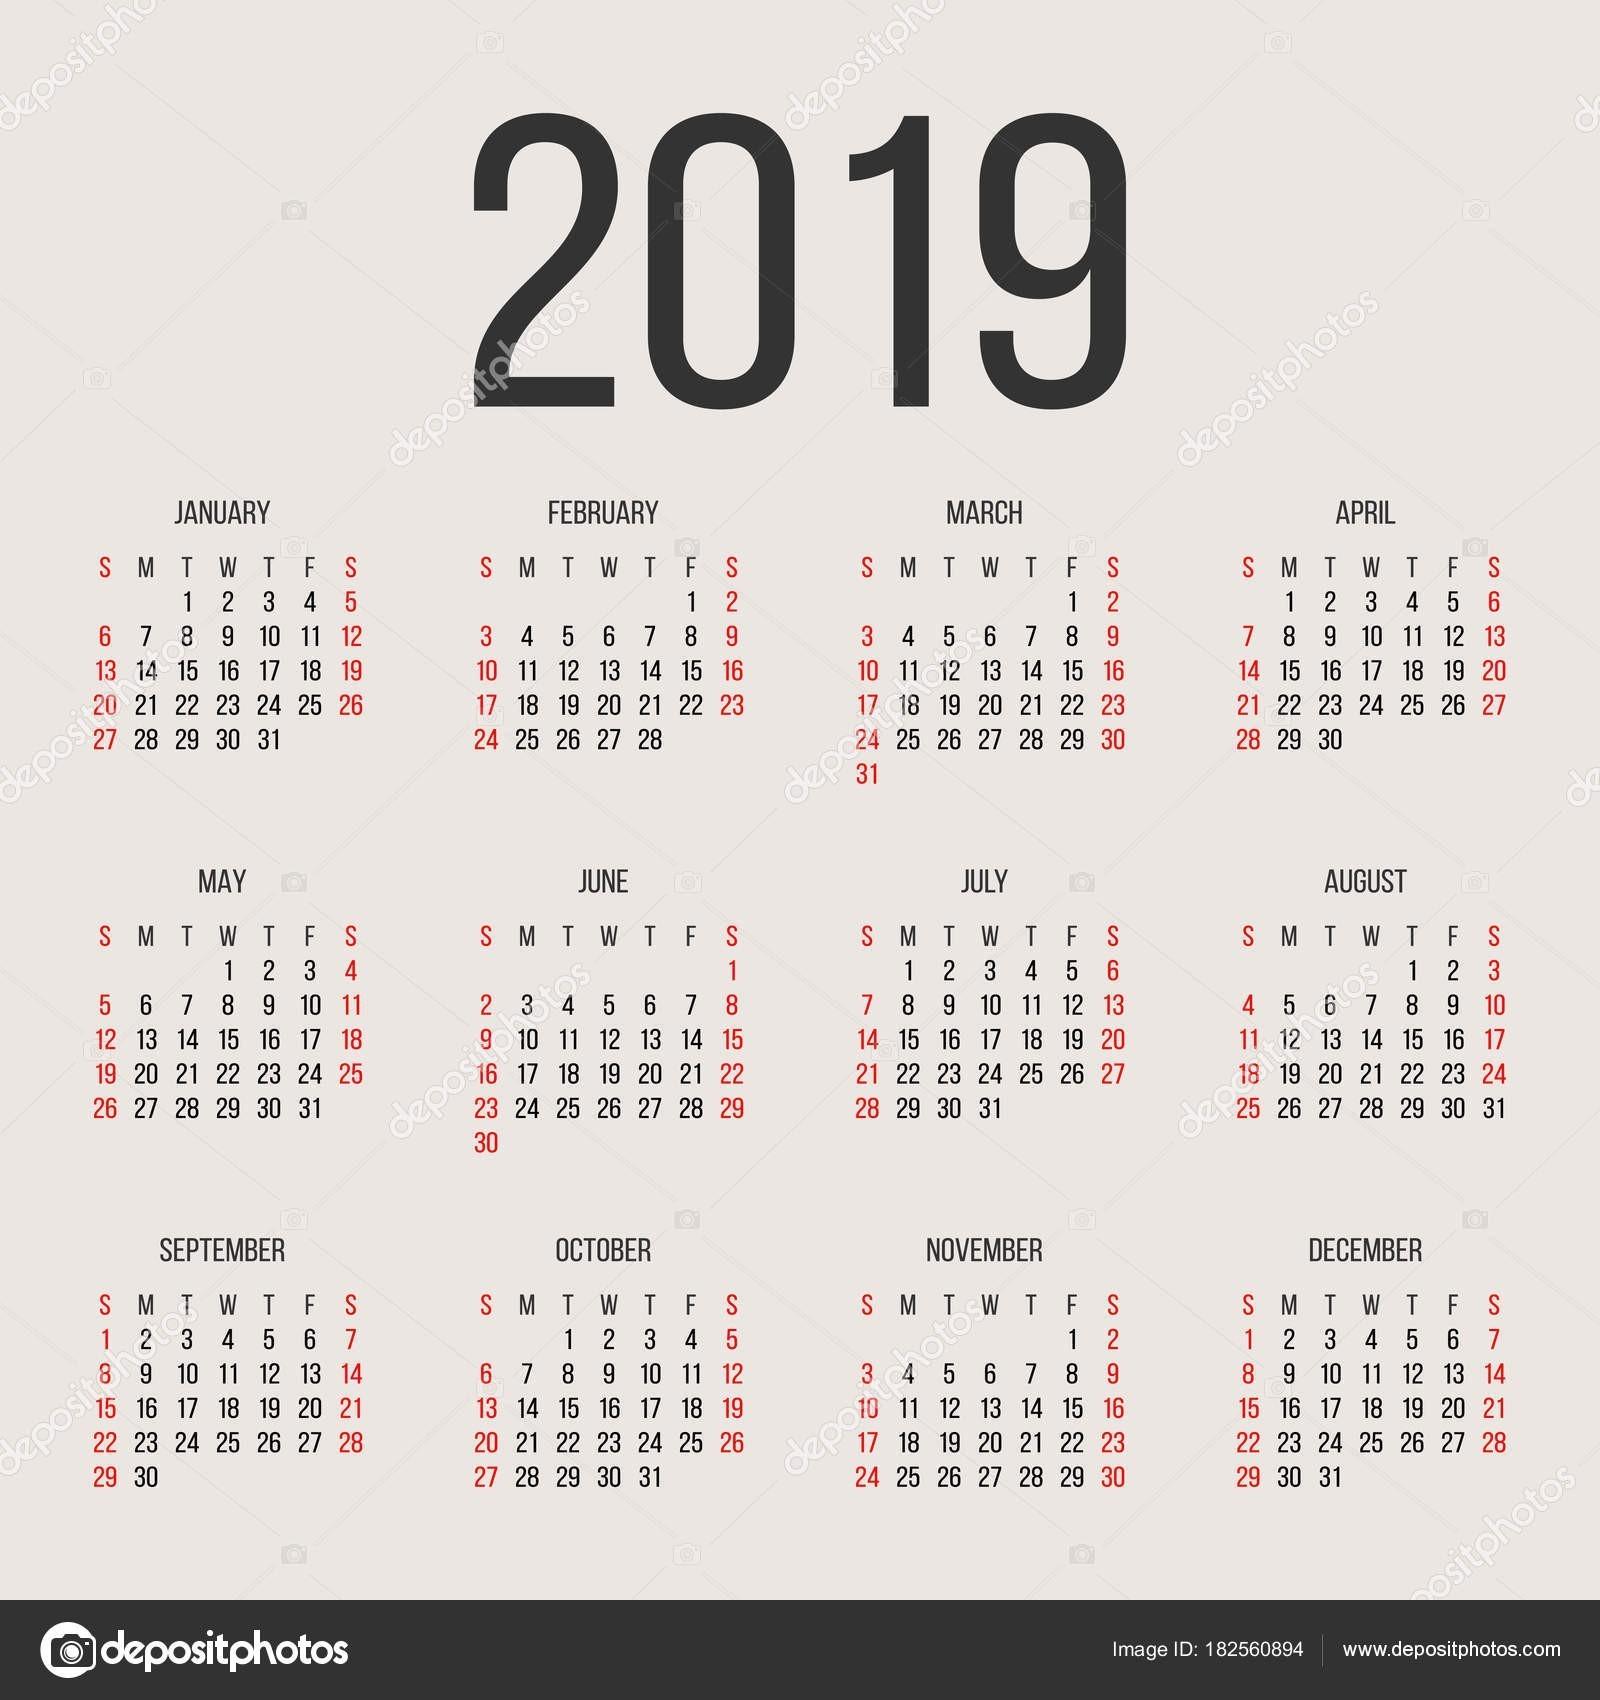 Calendario 2019 Mexico Feriados 2019 Argentina Más Populares Este Es Sin Duda Calendario 2019 Para Imprimir Feriados Mexico Of Calendario 2019 Mexico Feriados 2019 Argentina Mejores Y Más Novedosos Wgbo Activistas Se Oponen A